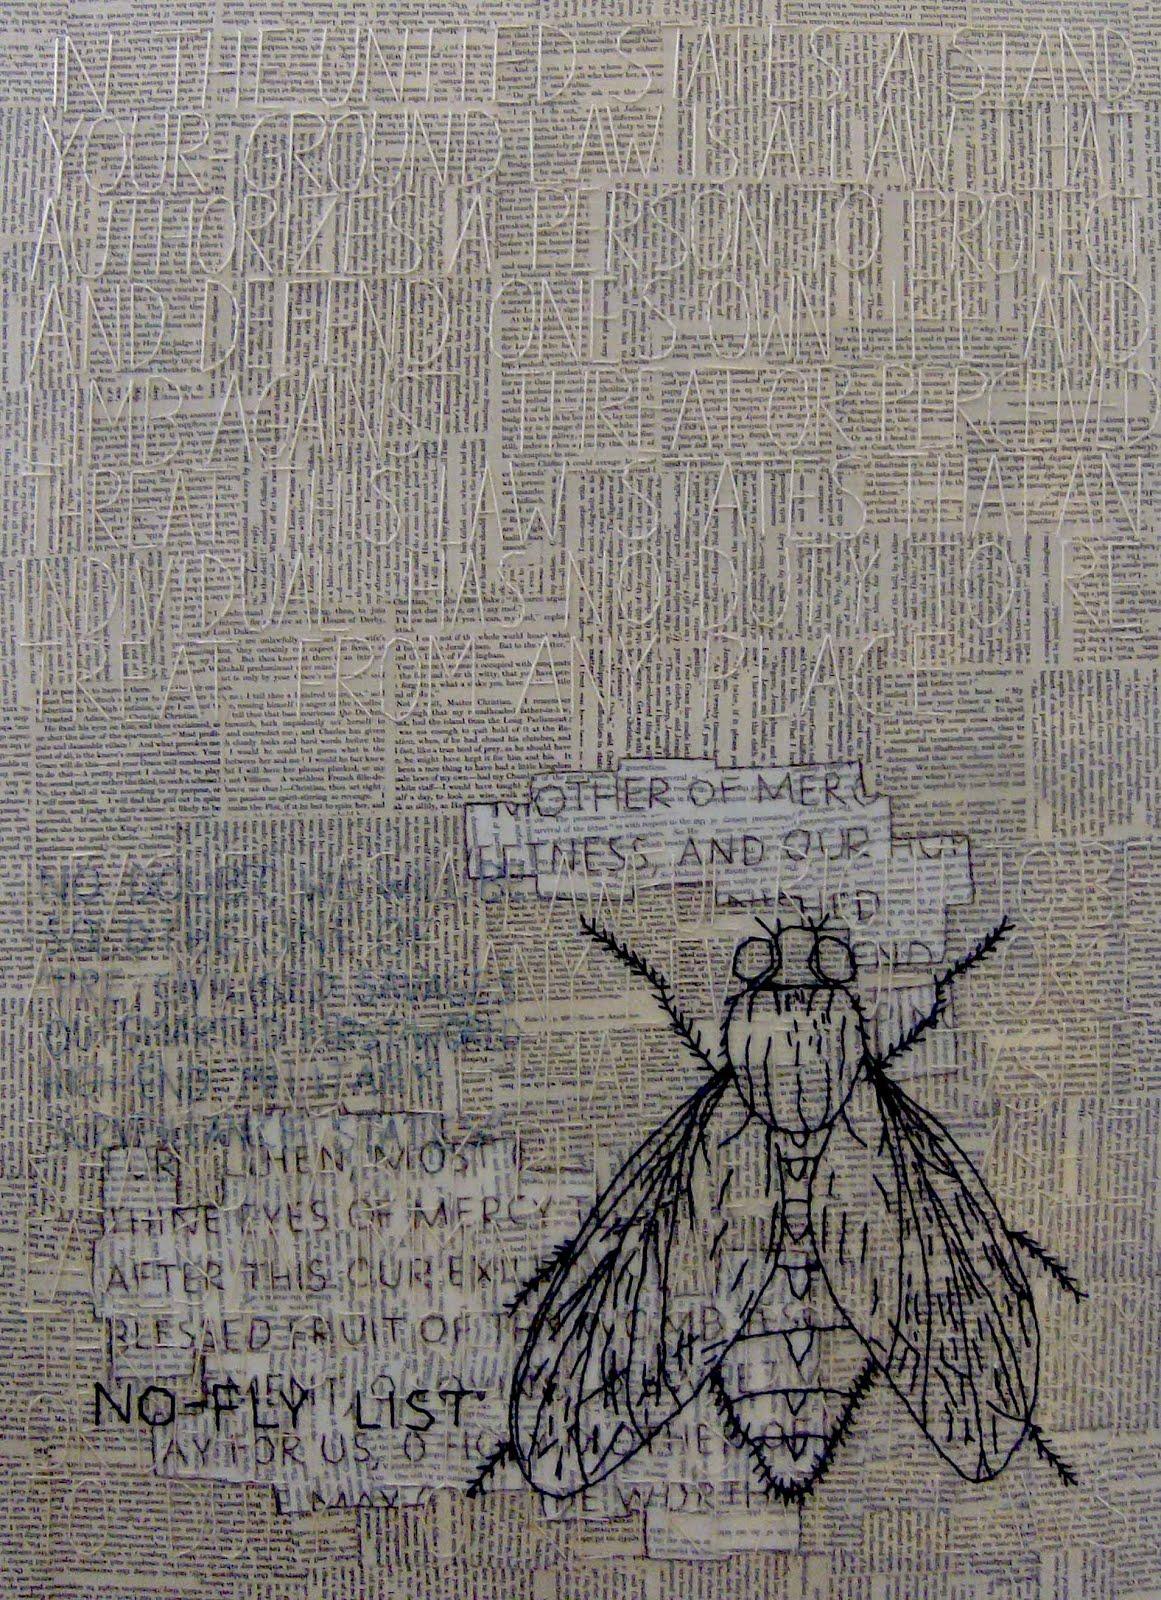 a mosca em paris (70x50cm)